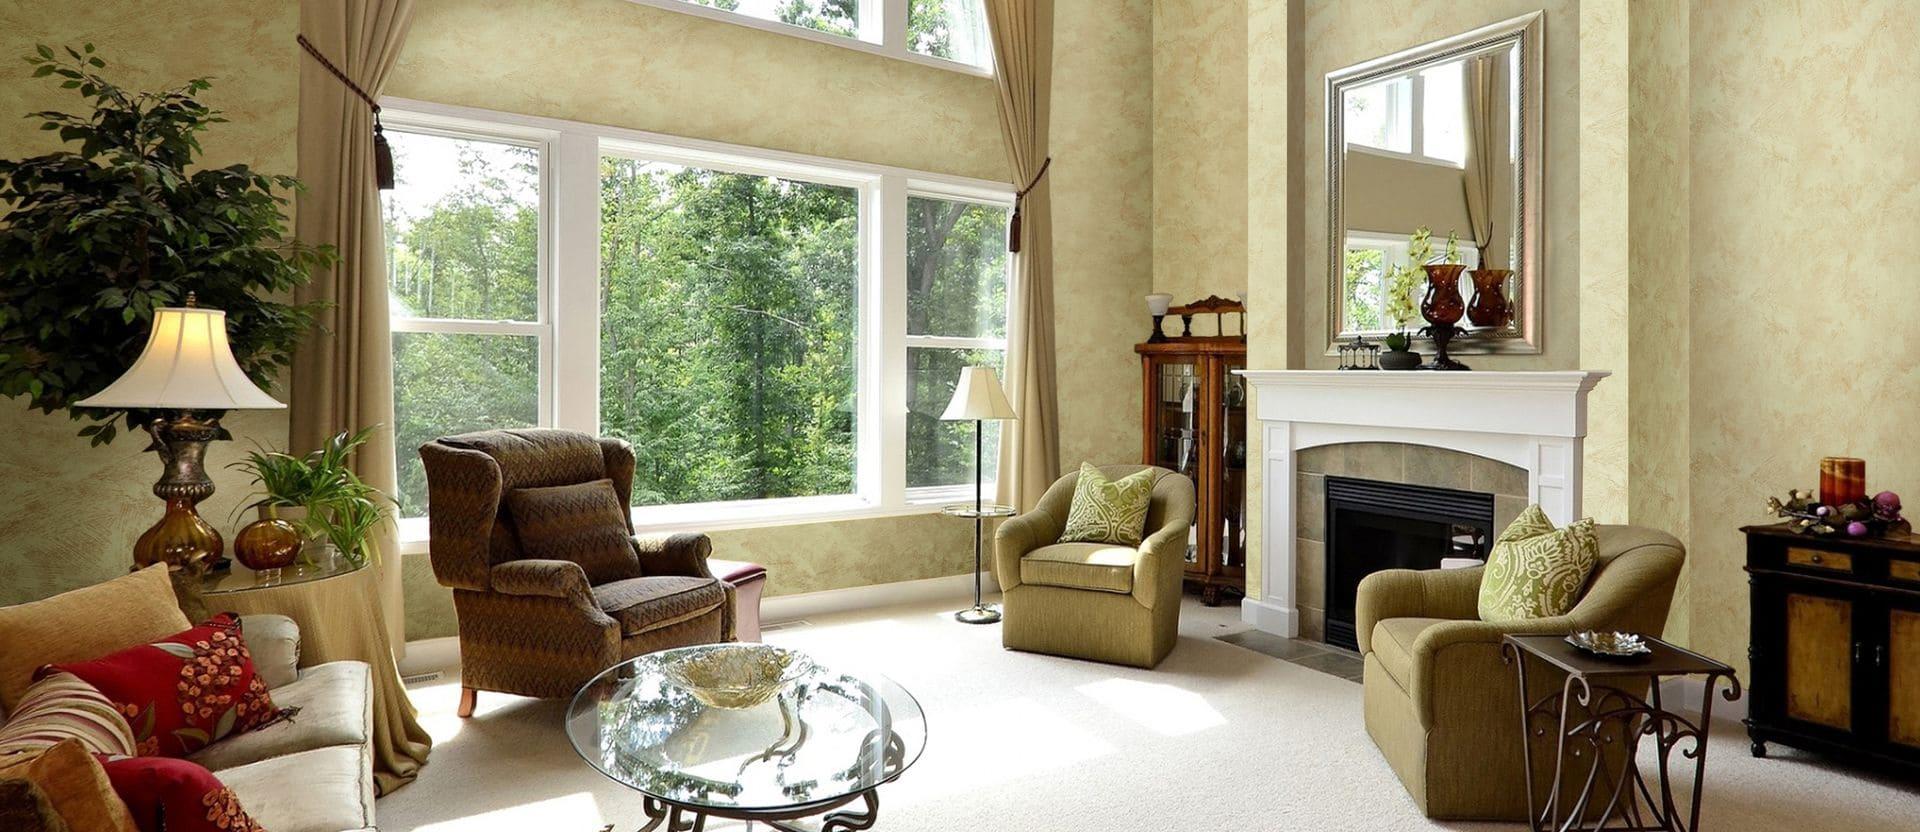 Декоративная штукатурка - лучшие красивые варианты отделки стен в интерьере 058